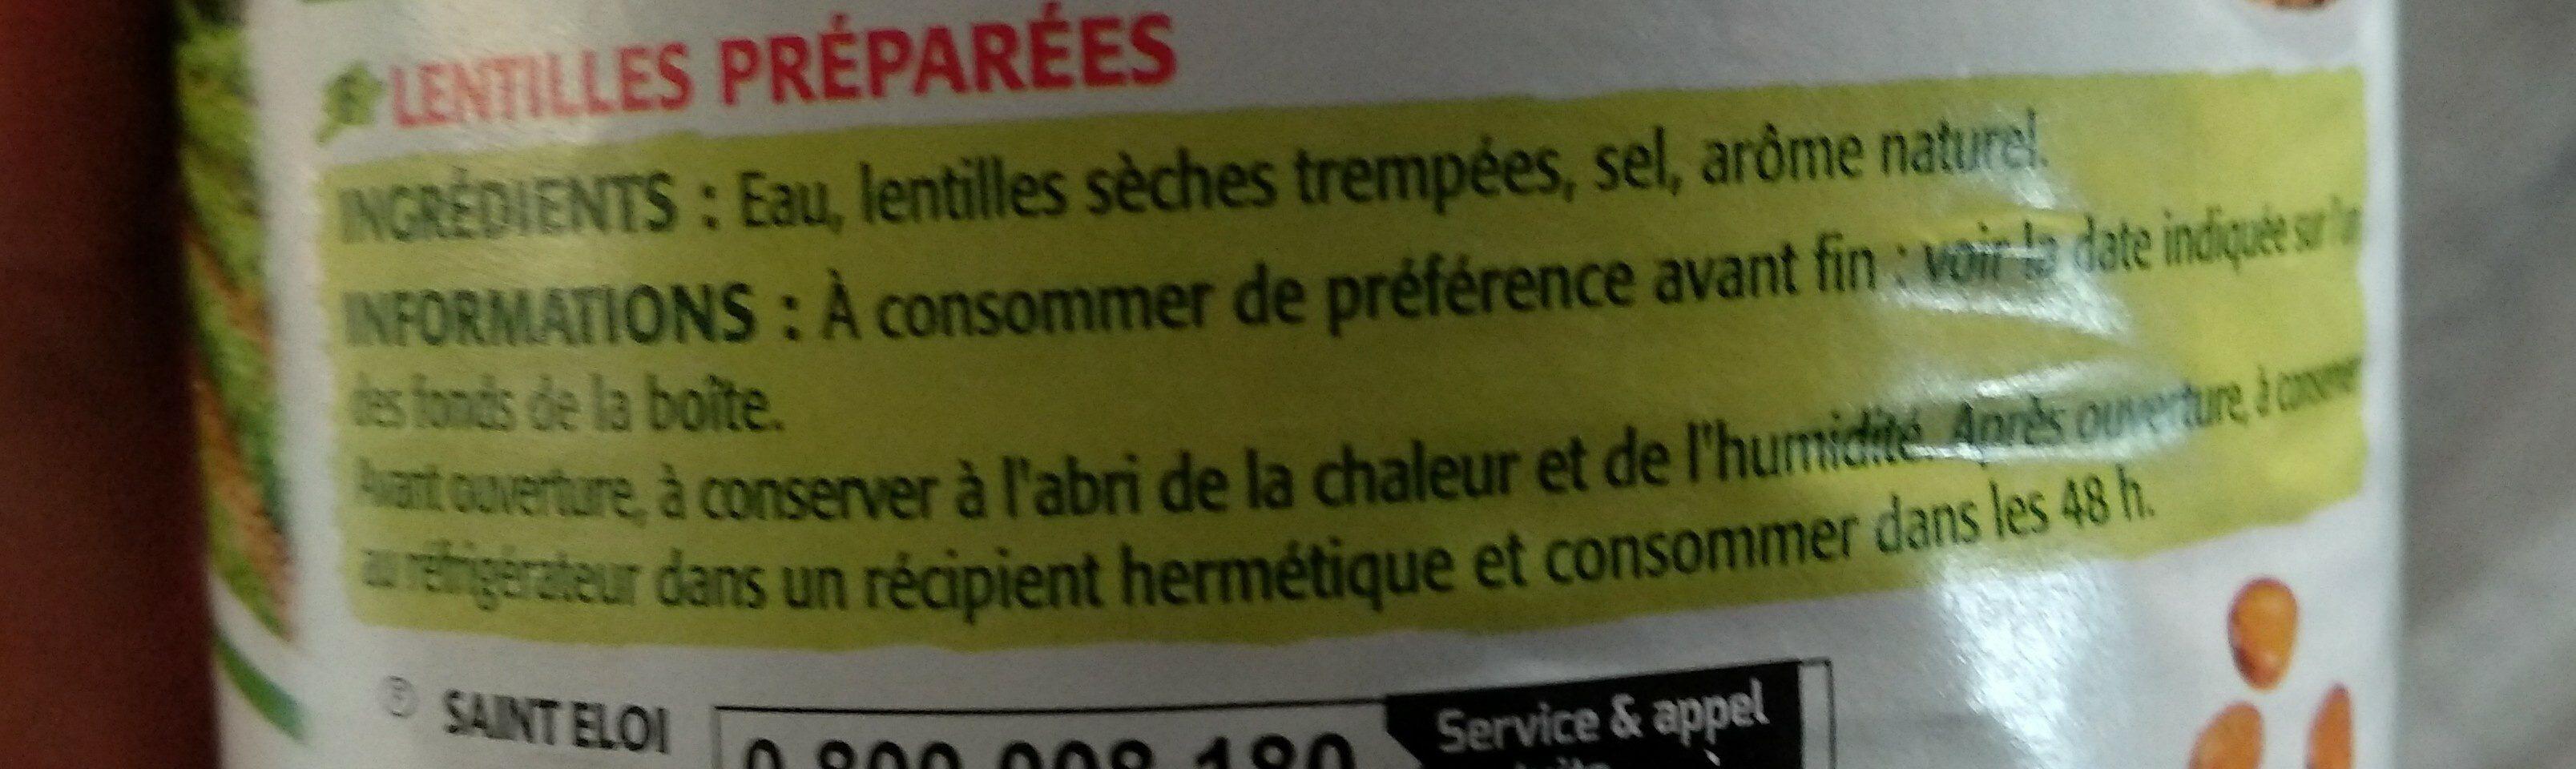 Lentilles préparées - Ingrediënten - fr